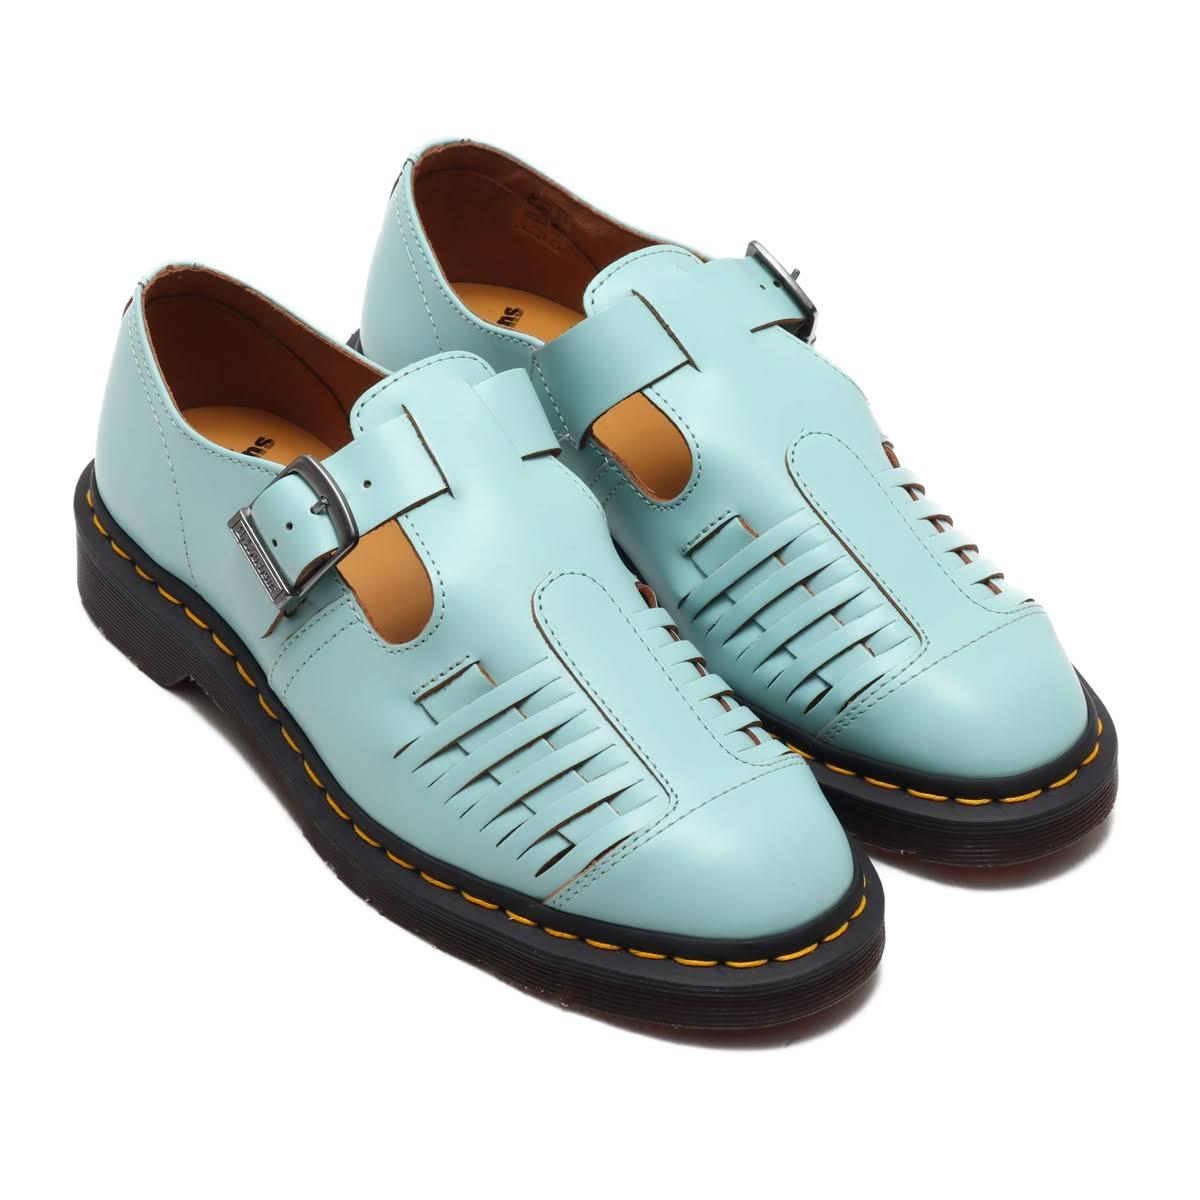 Dr.Martens Mica Sandal (ドクターマーチン ミカ サンダル)Light Blue【メンズ レディース サンダル】19SS-I